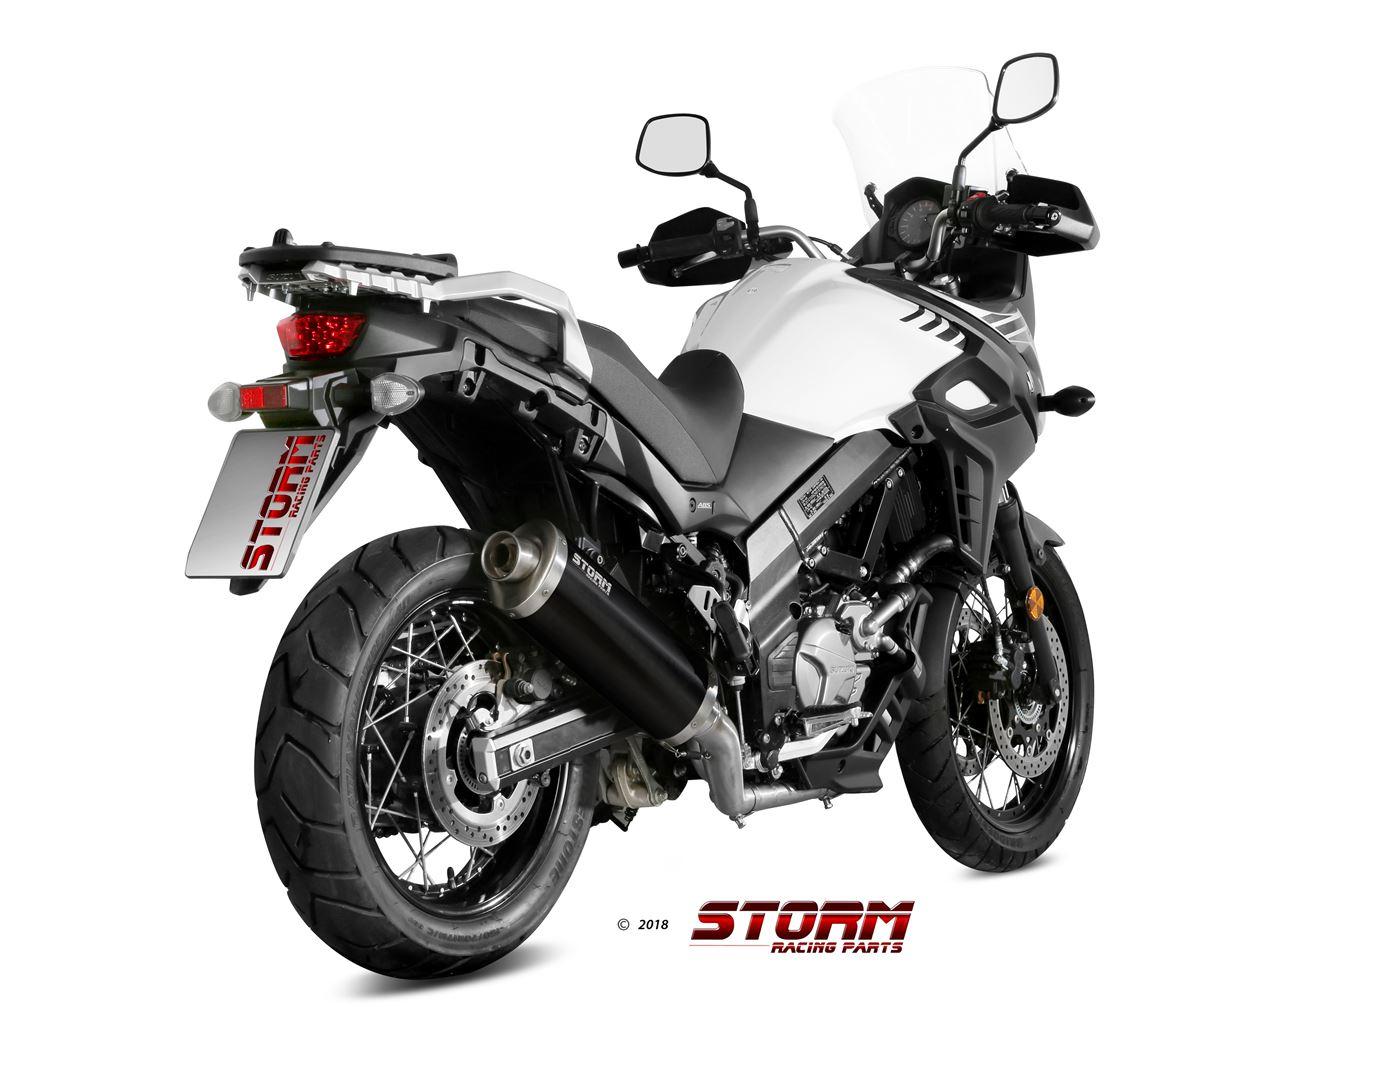 Suzuki_VStrom650_2017-_74S049LX2B_$02